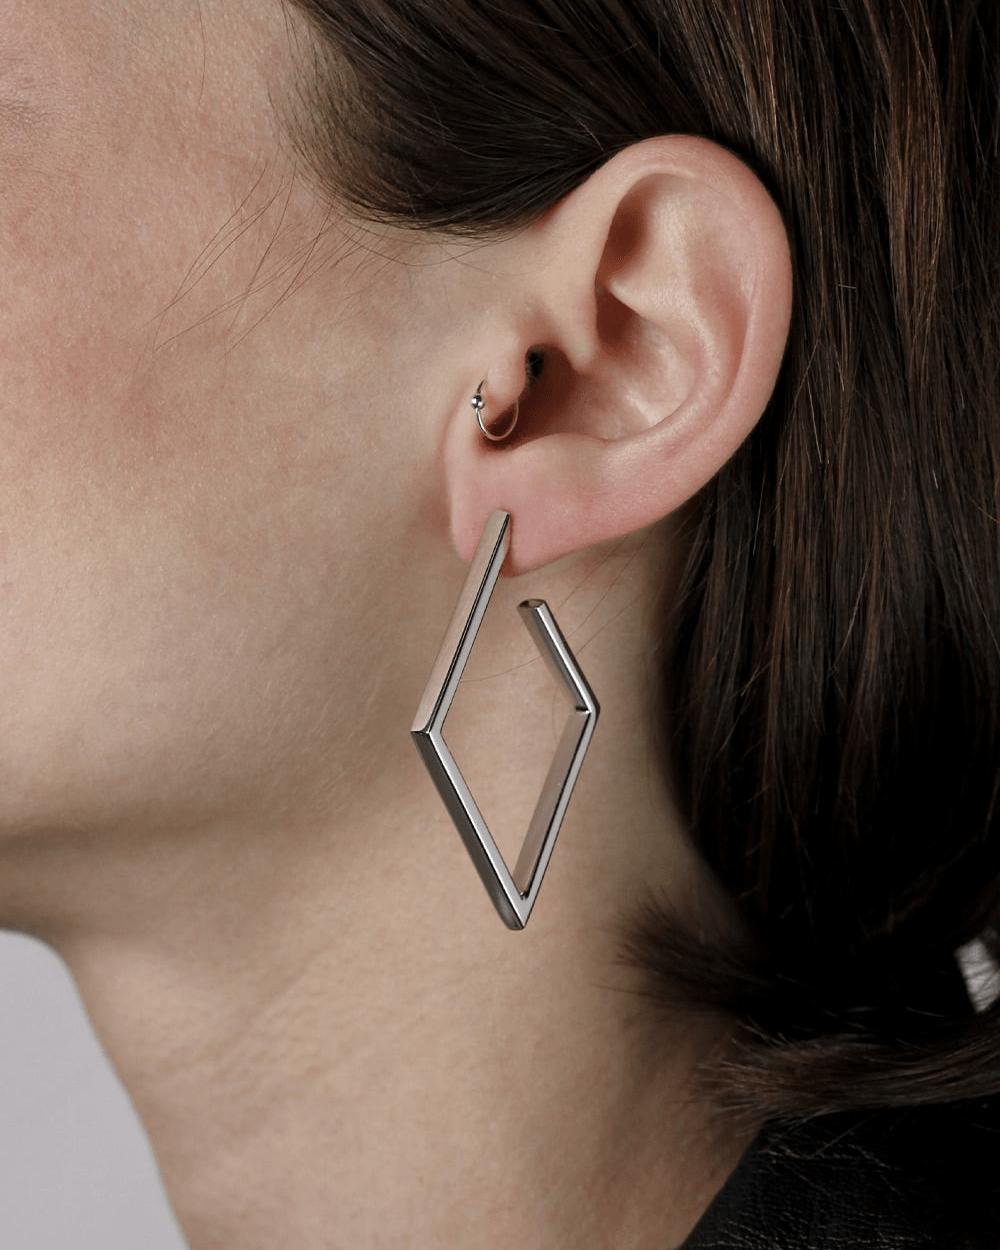 Earrings RECTANGULAR THREAD ROMBUS HOOP PAIR EARRINGS NOVE25